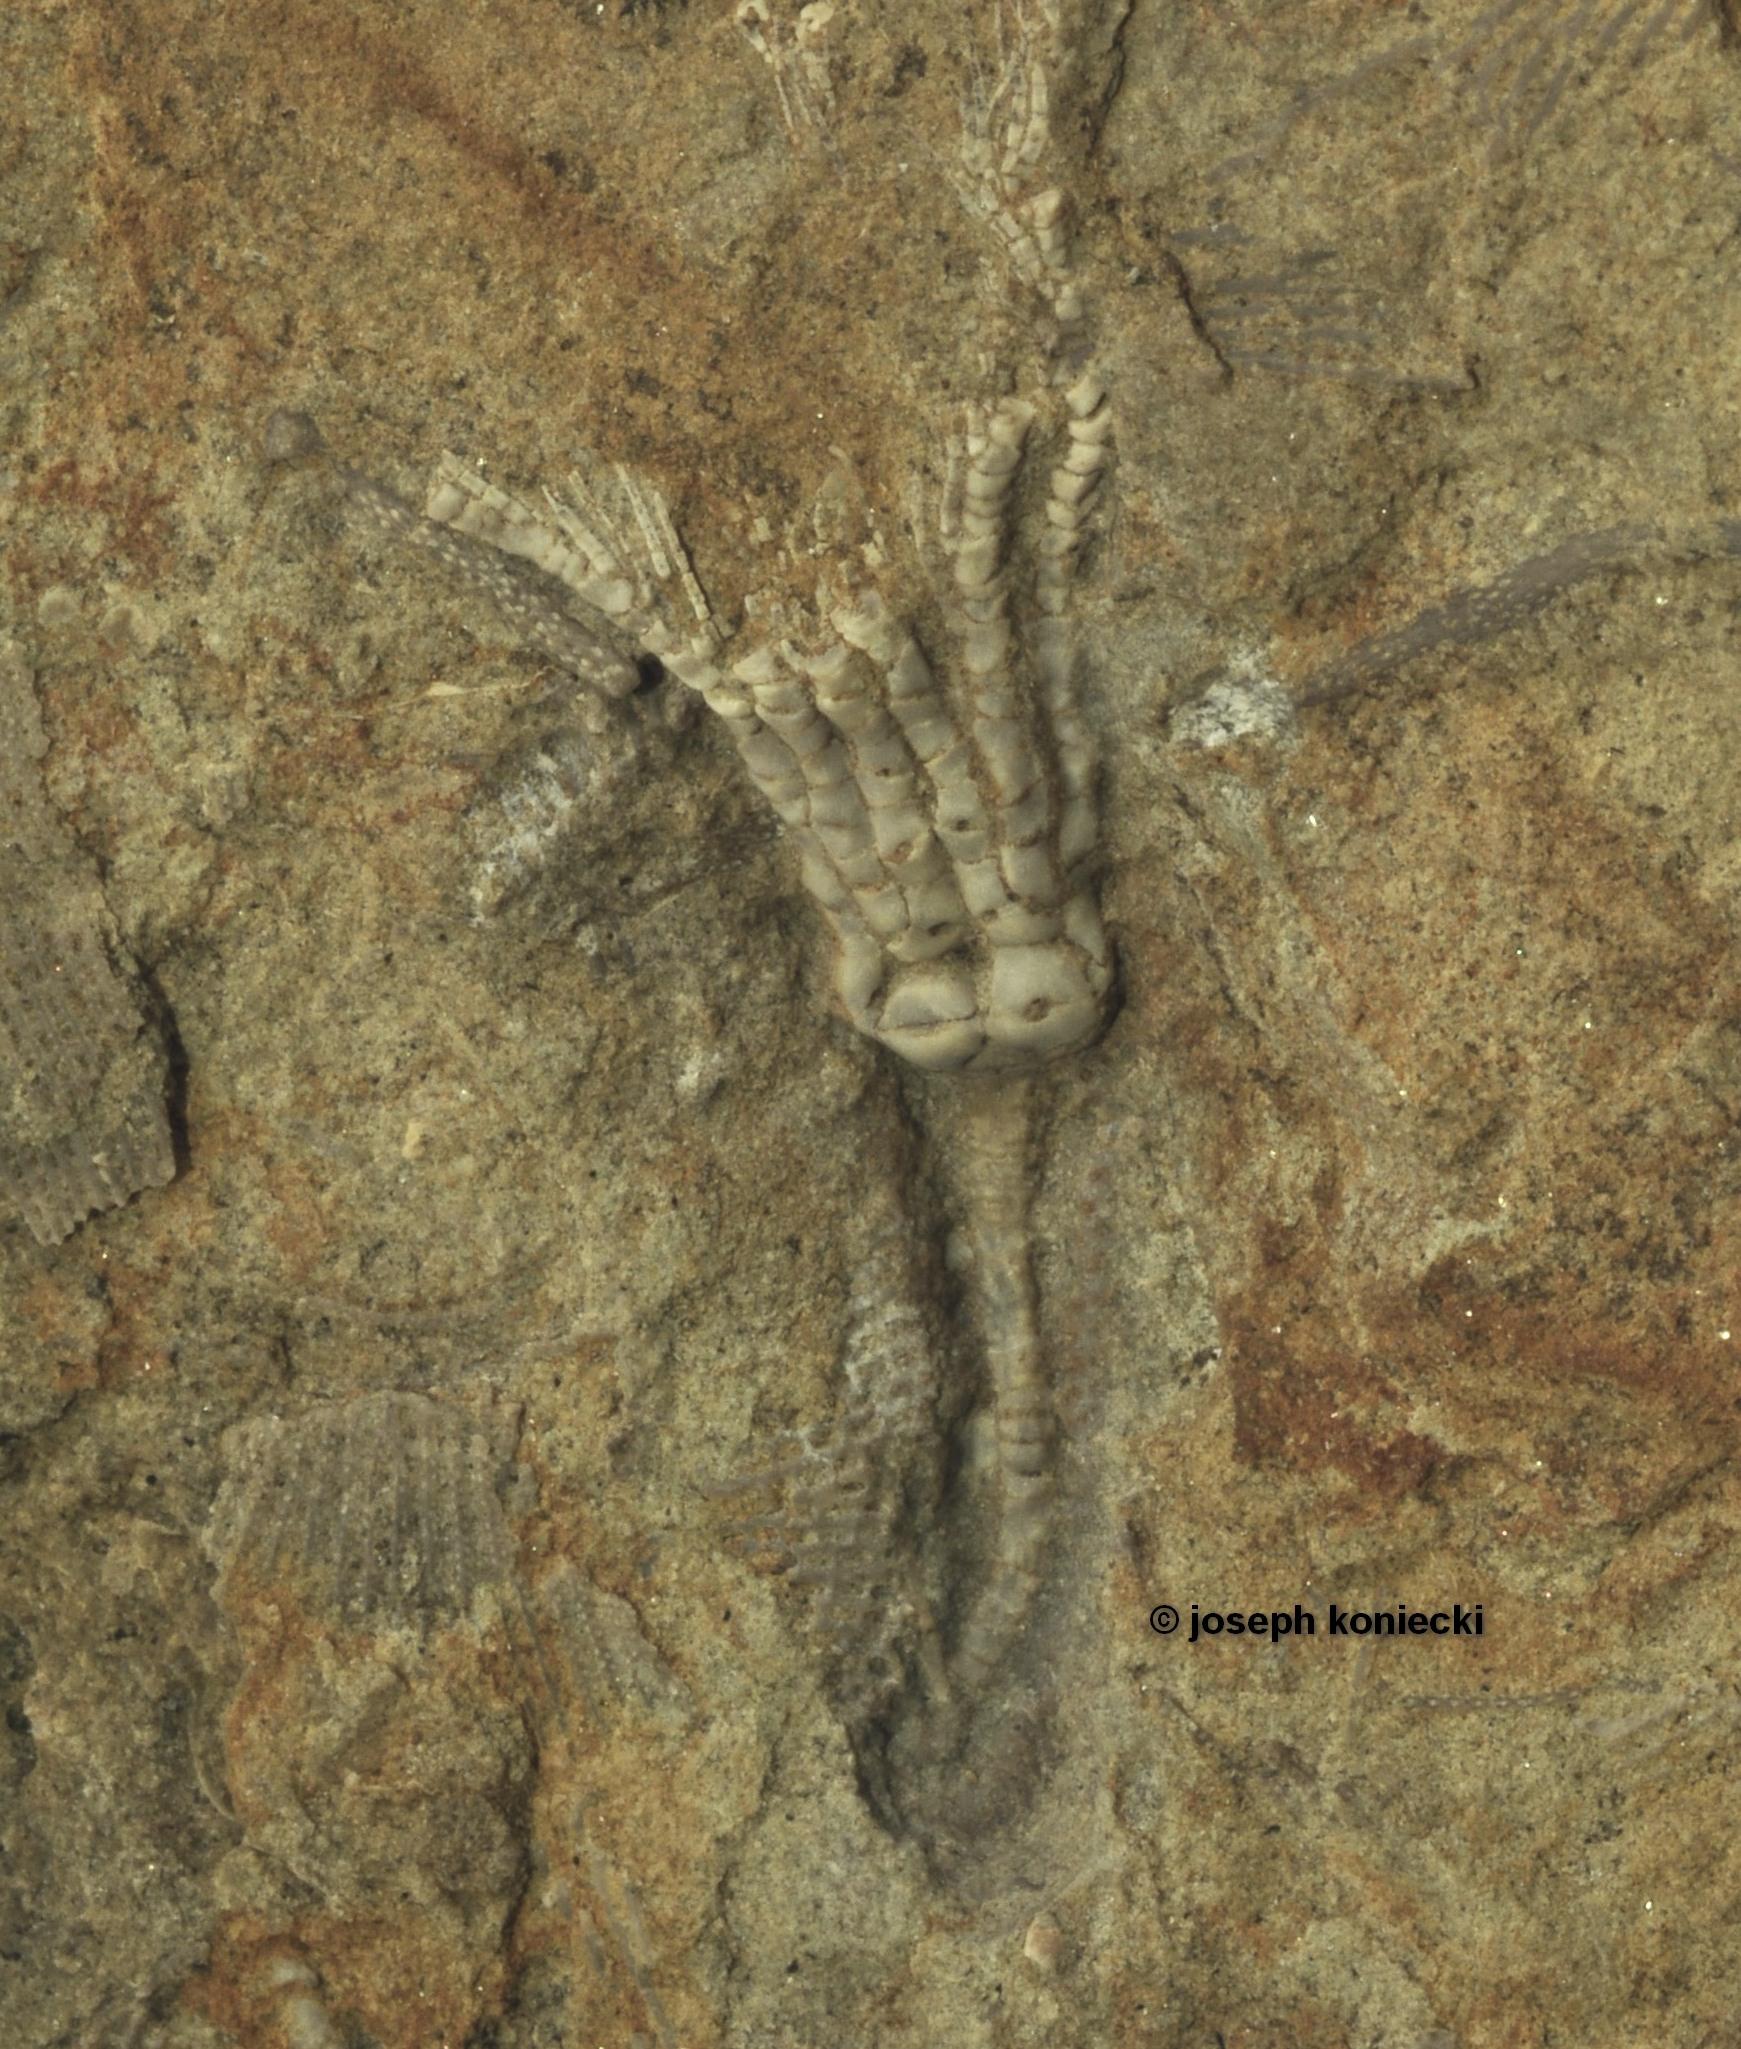 Aenigmocrinus